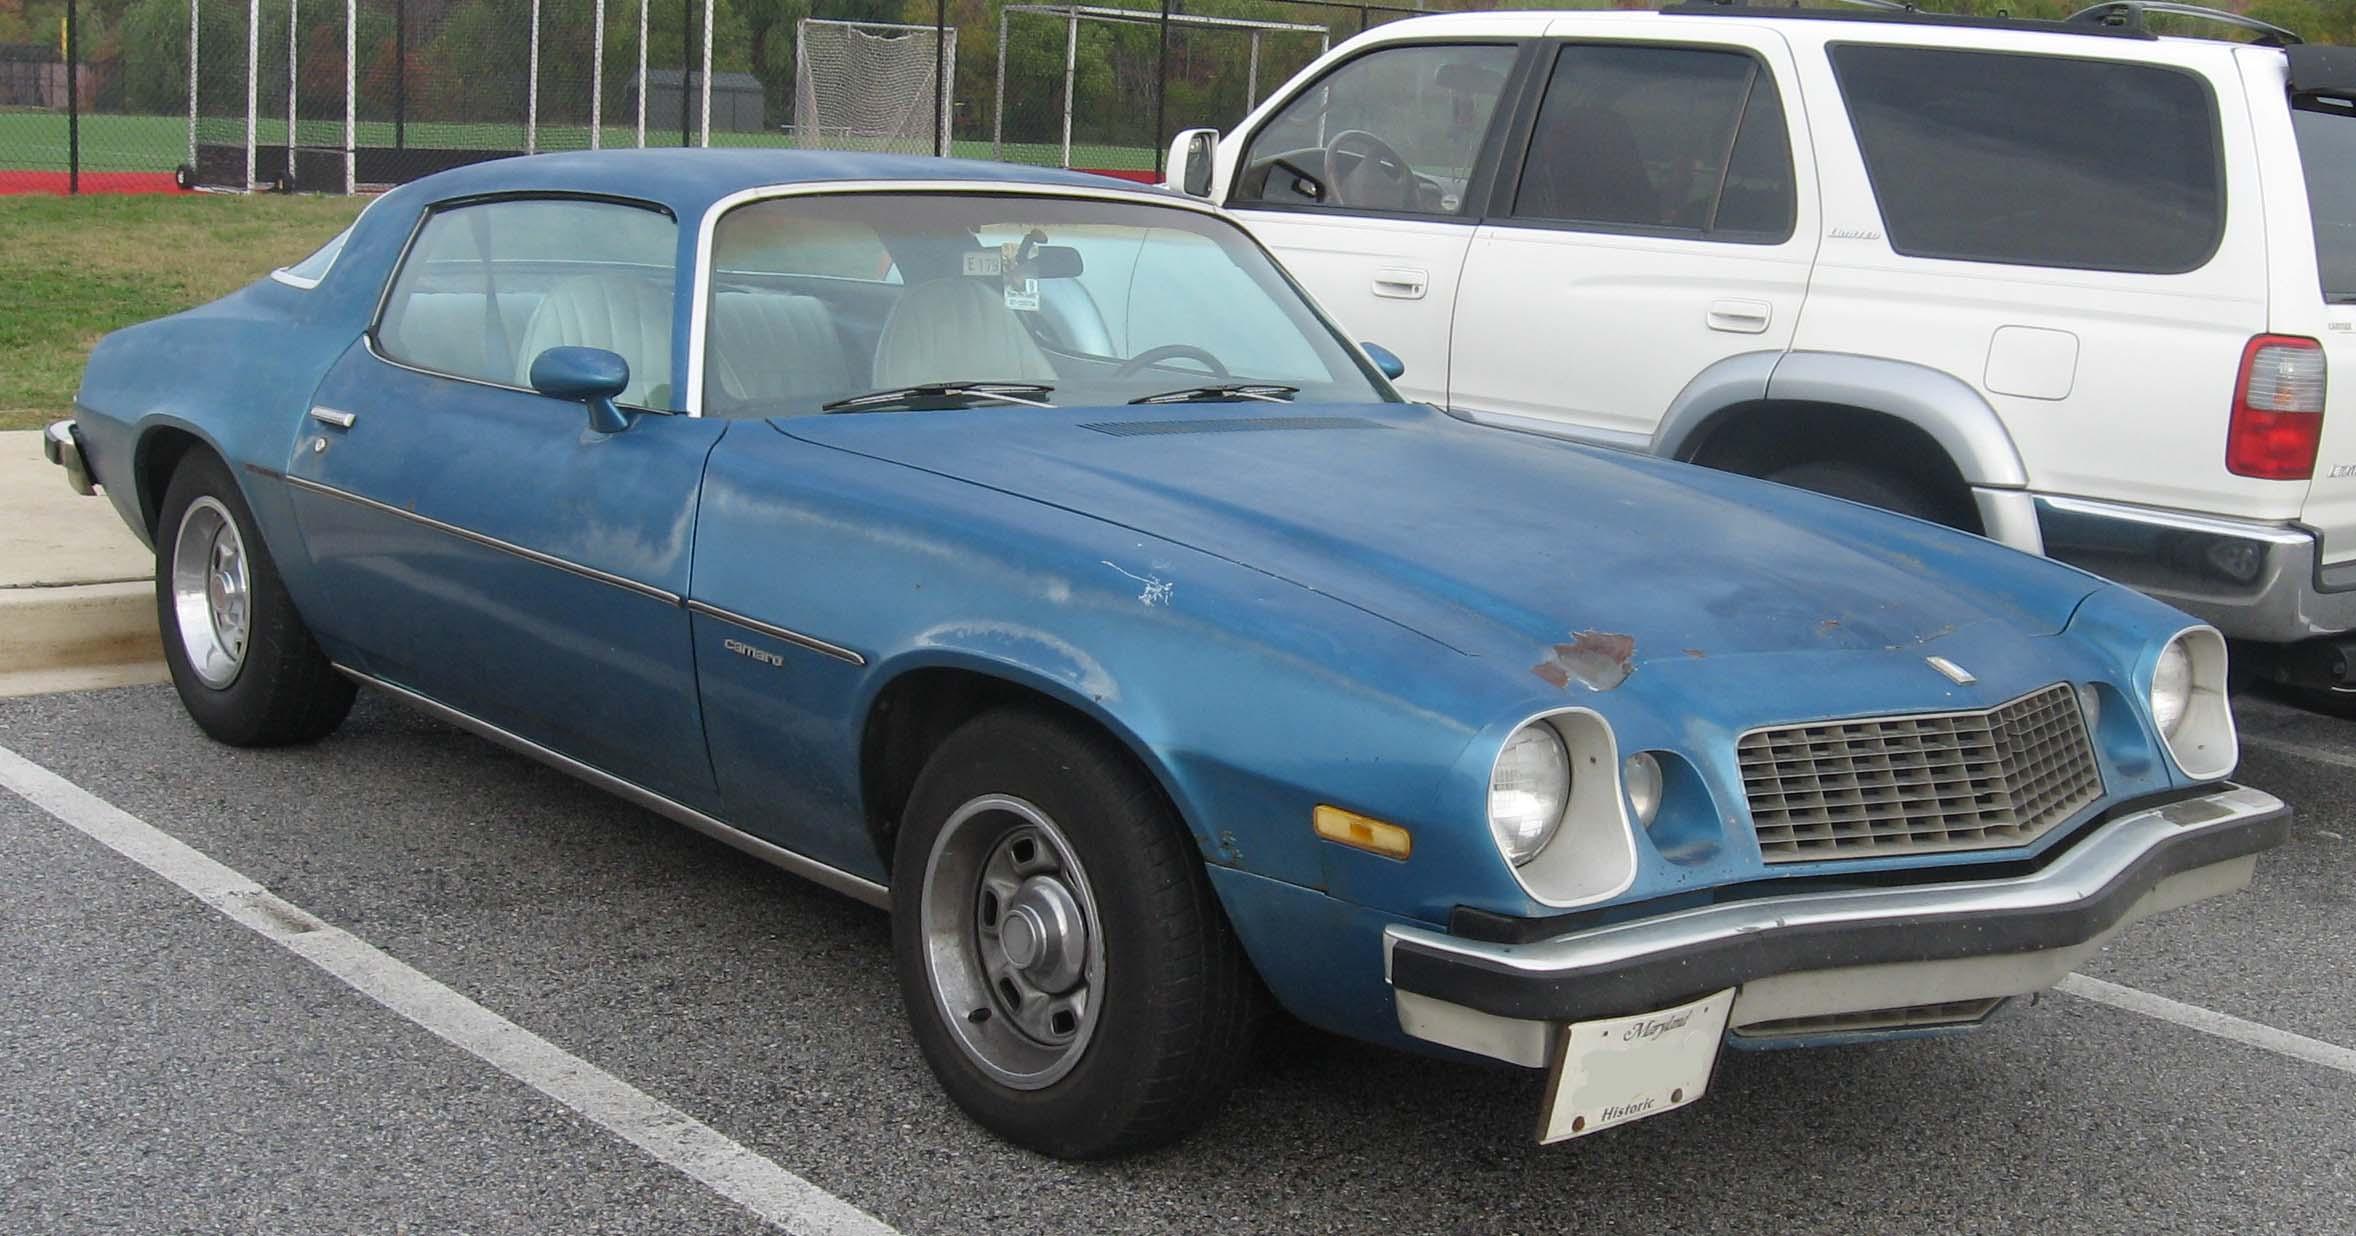 1977 Chevrolet Camaro Classic Automobiles